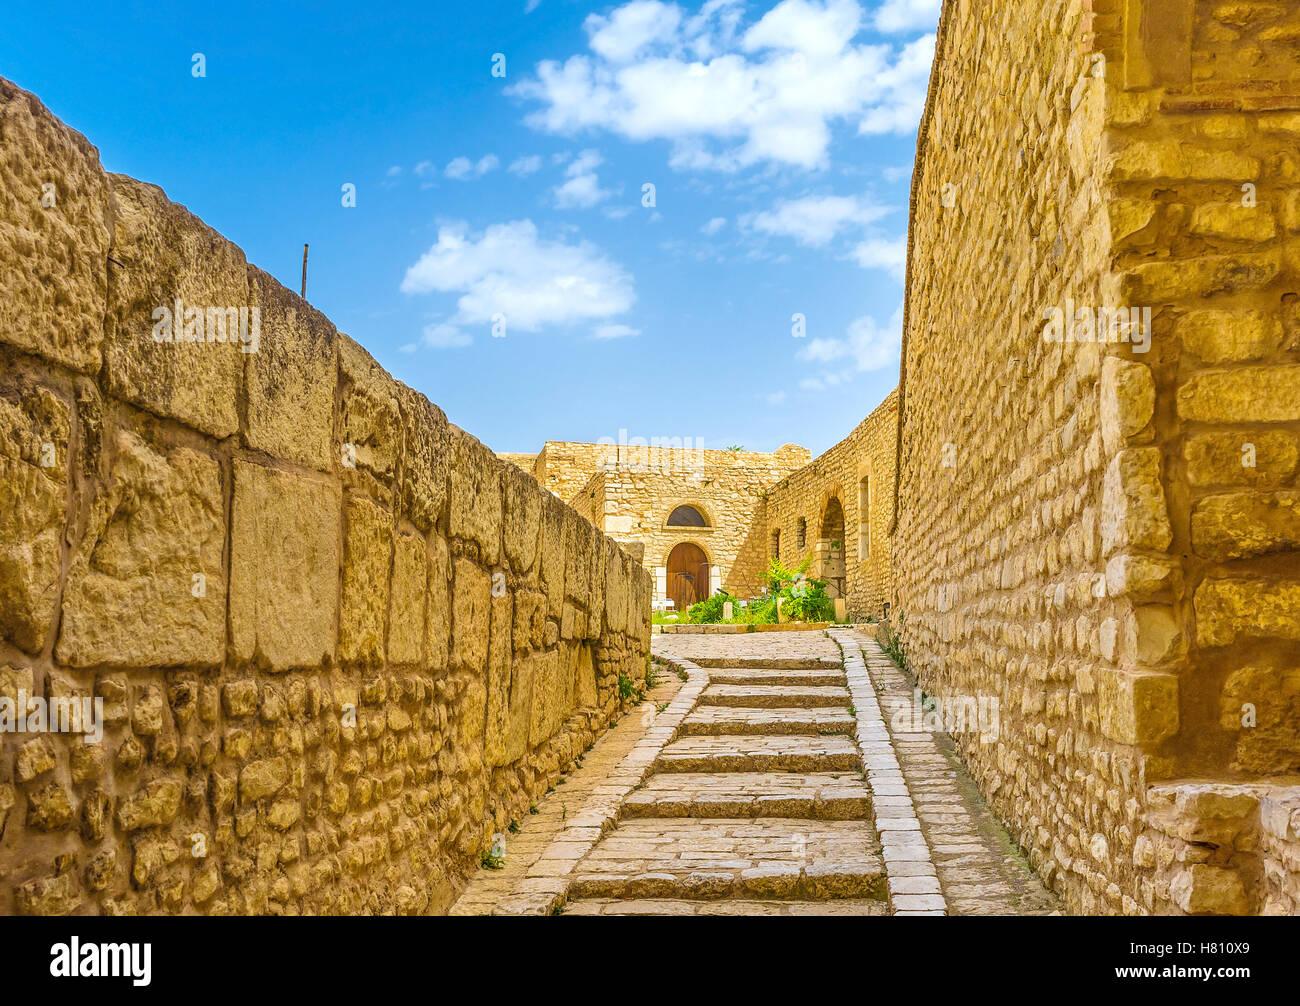 El angosto sendero entre grandes y pequeñas fortalezas de la Kasbah, El Kef, Túnez. Imagen De Stock